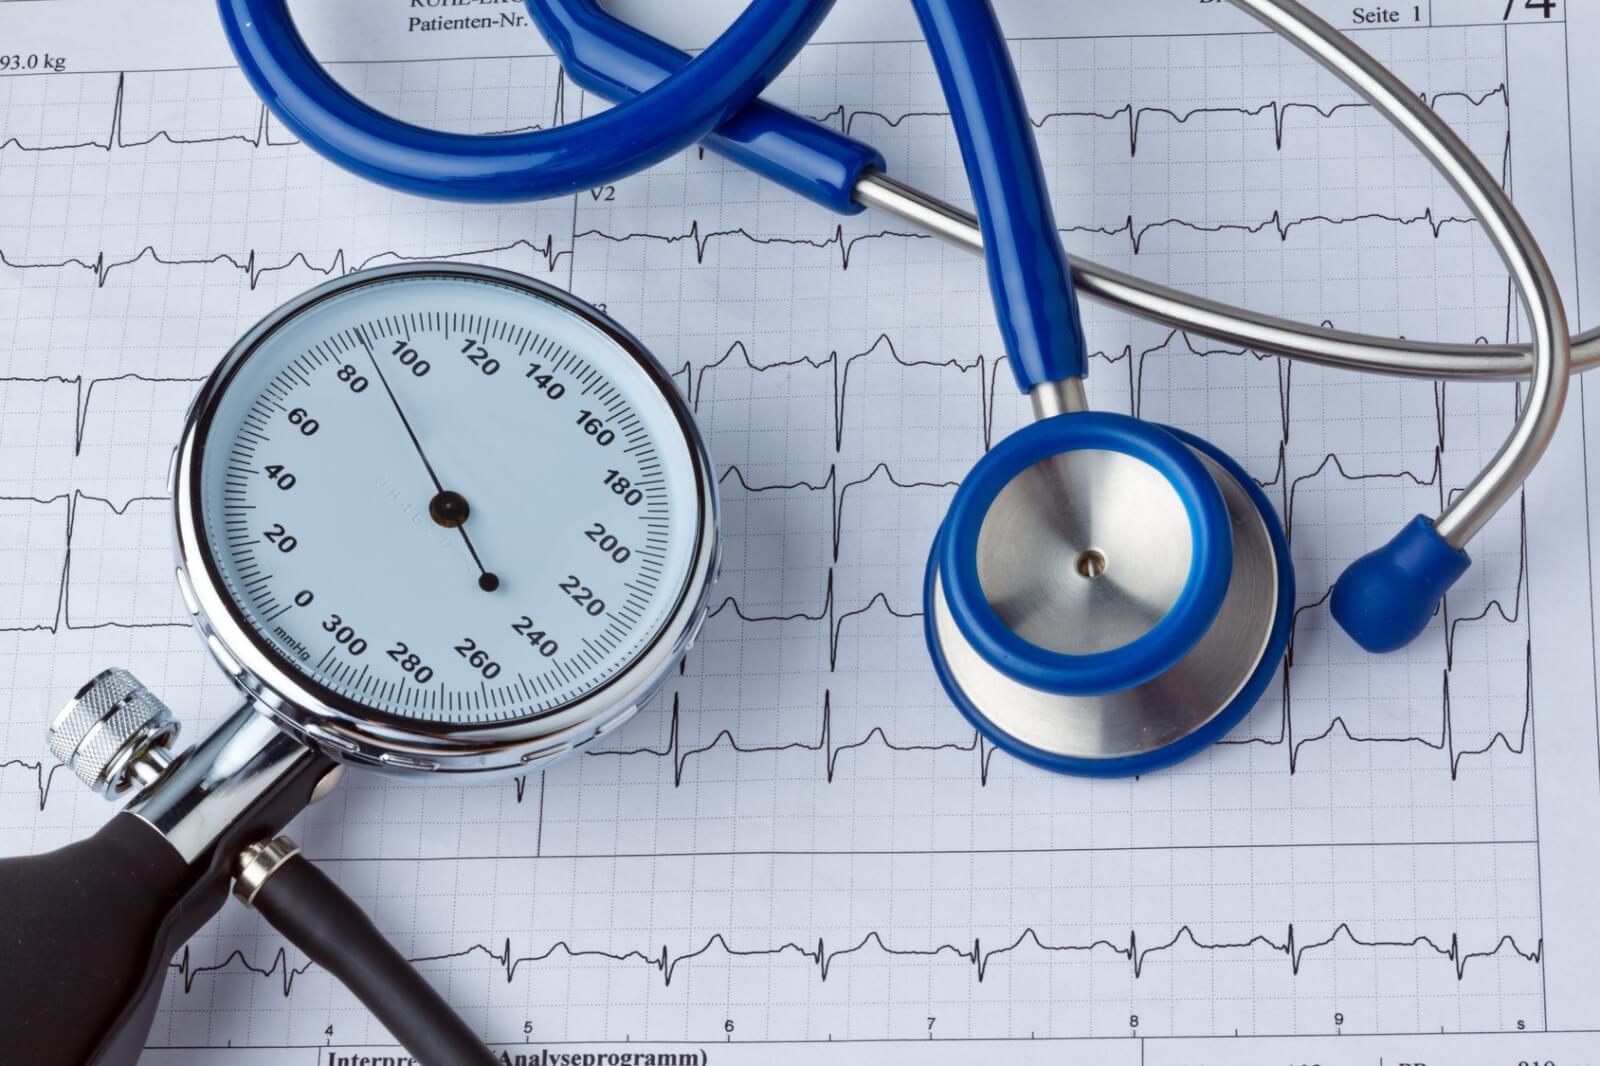 perfuzija s hladnom vodom i hipertenzije znakovi povišenog krvnog tlaka u ekg